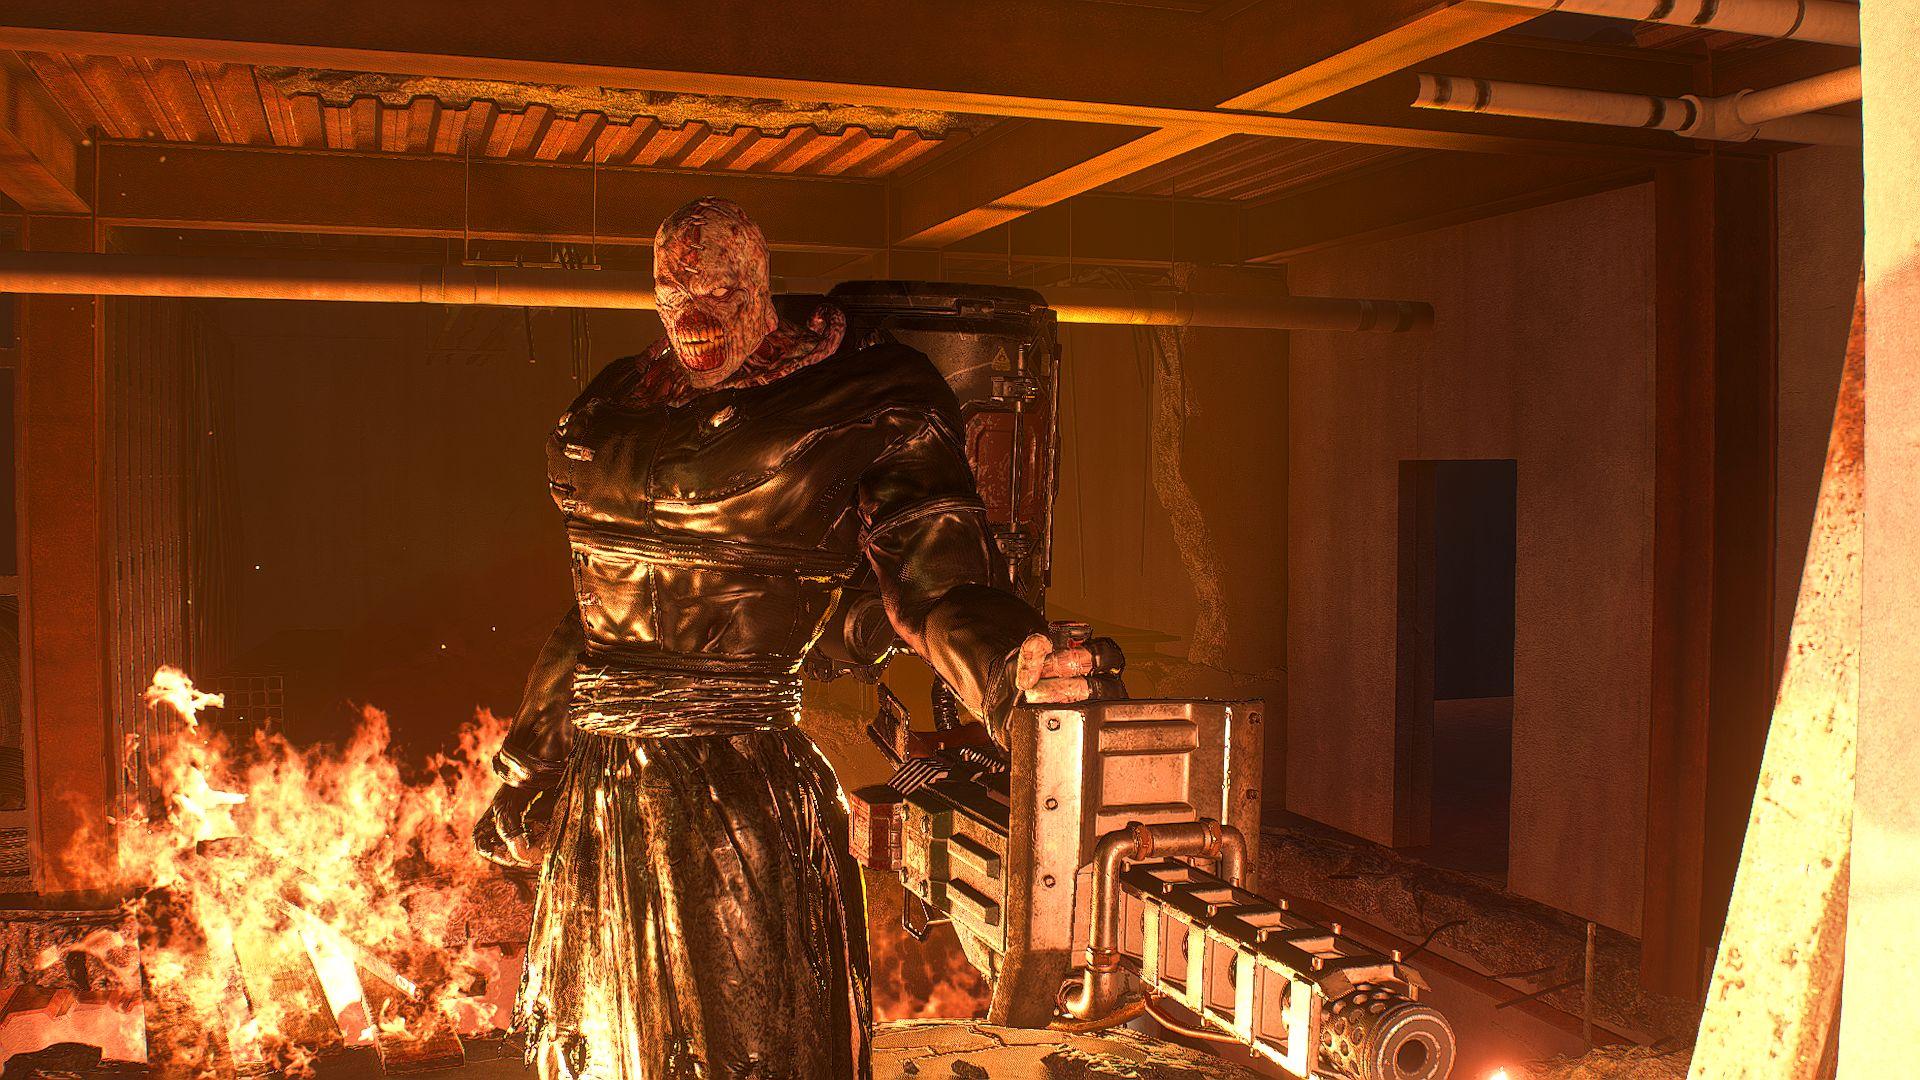 000977.Jpg - Resident Evil 3: Nemesis